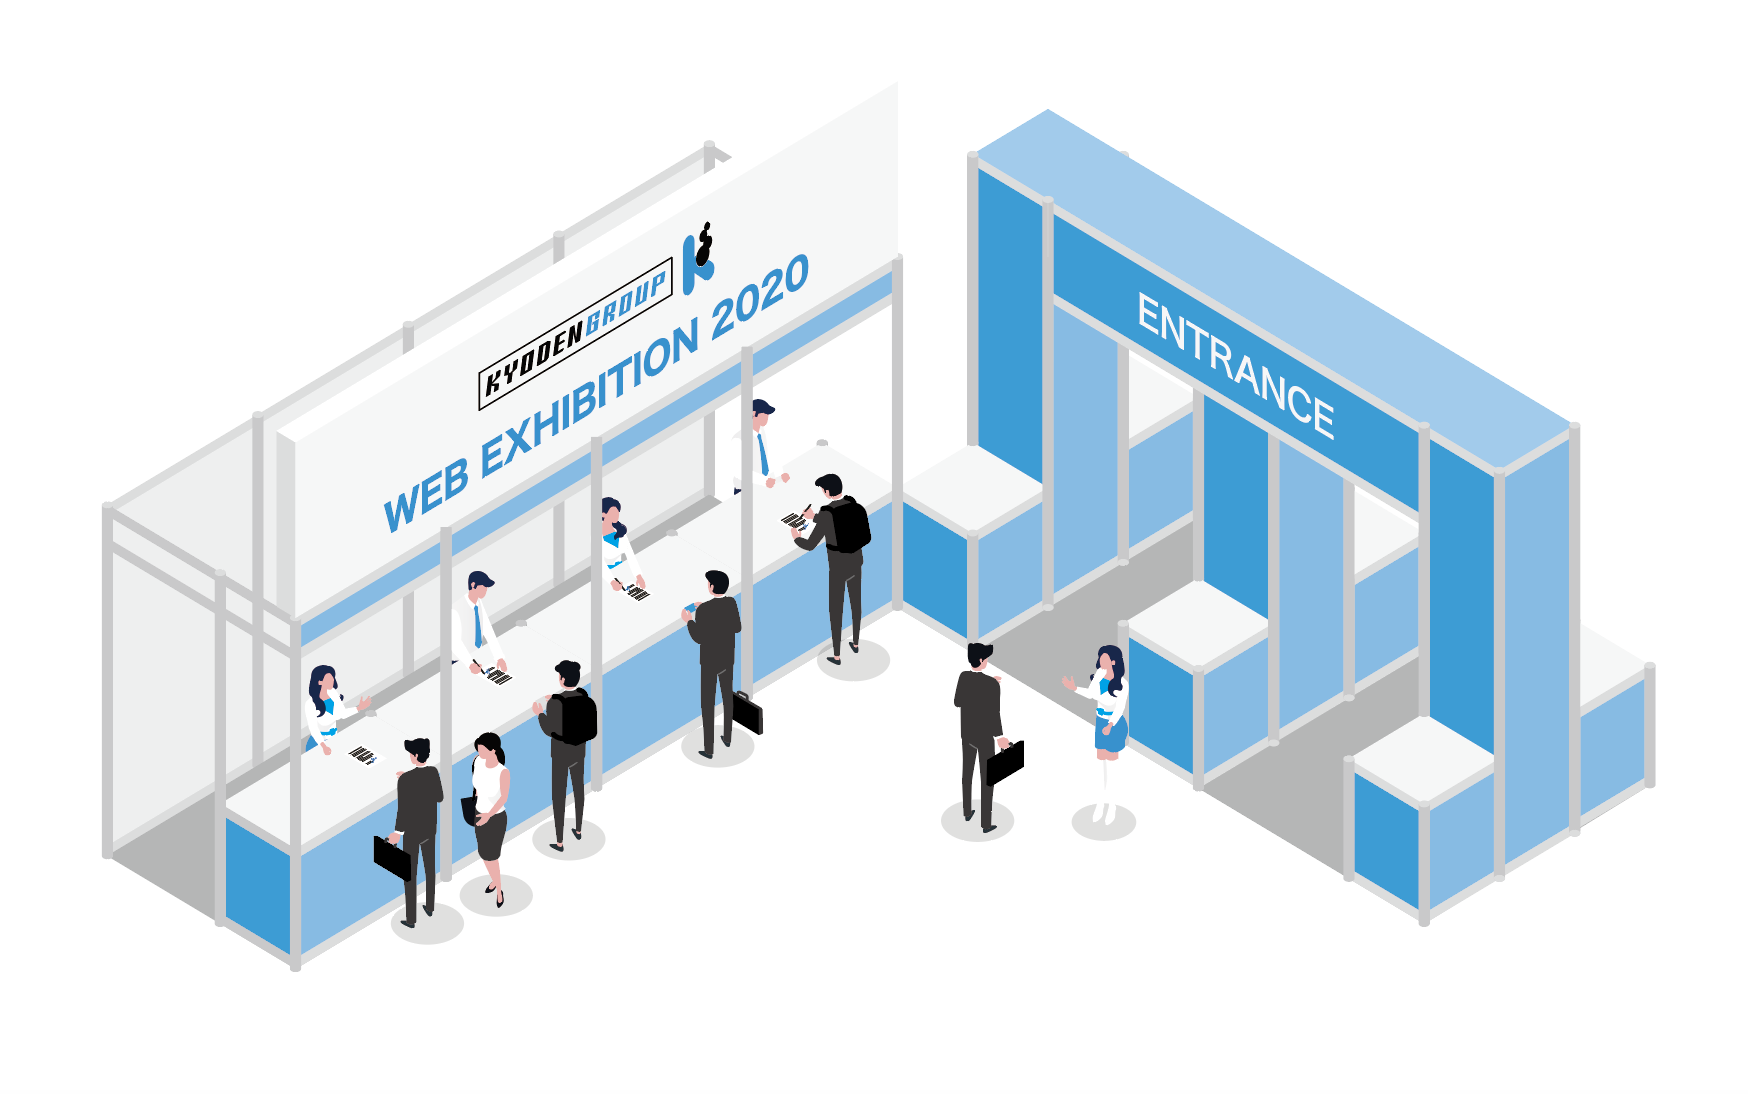 WEB EXHIBITION 2020